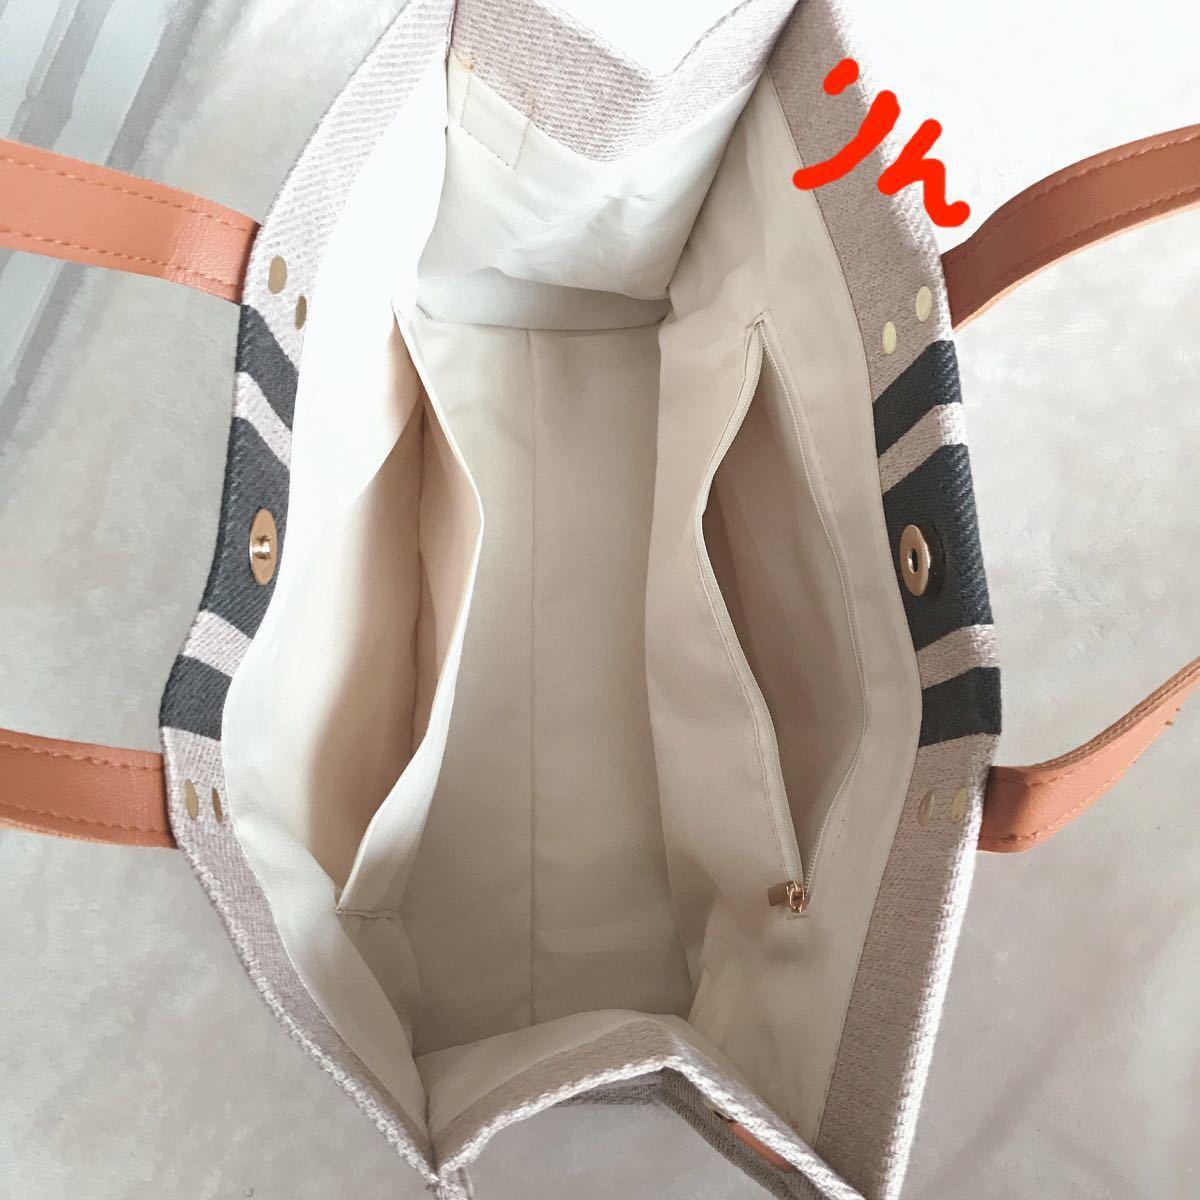 トートバッグ ショルダー キャンパス バック ワンピース エコバック 韓国 鞄